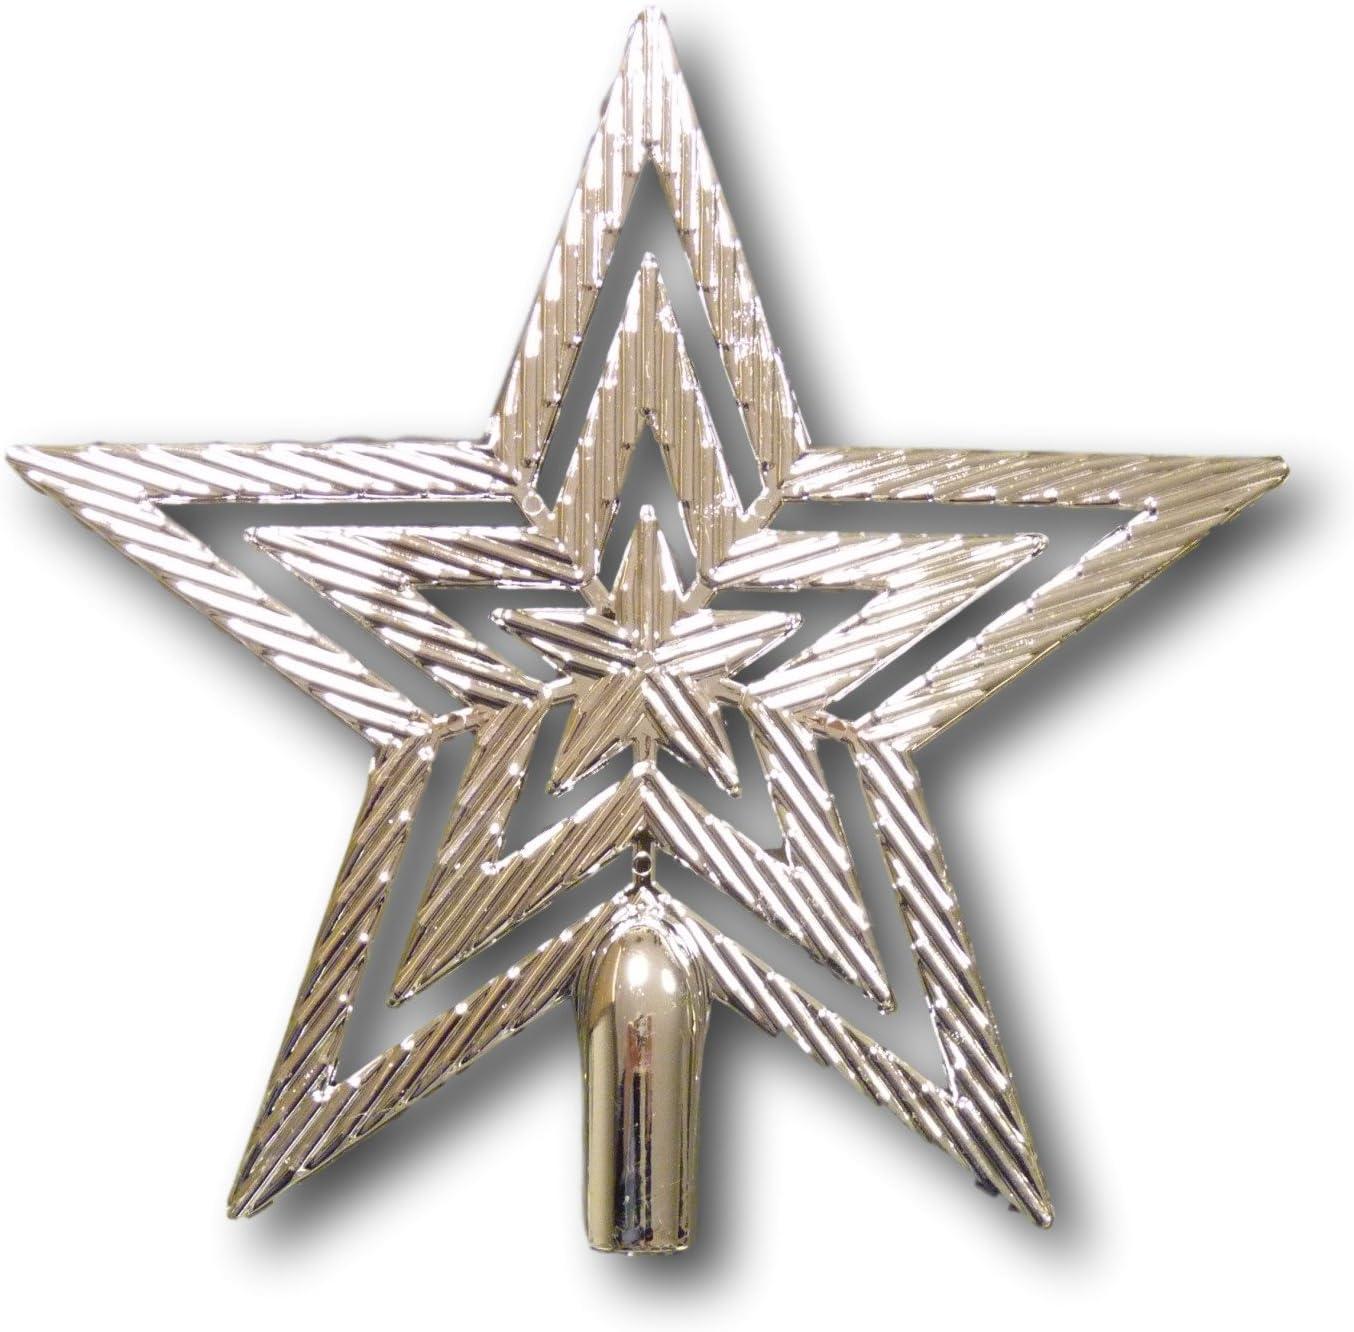 Weihnachtsbaumspitze Baumspitze Baum Spitze Stern Baumschmuck glitzer glanz 19cm